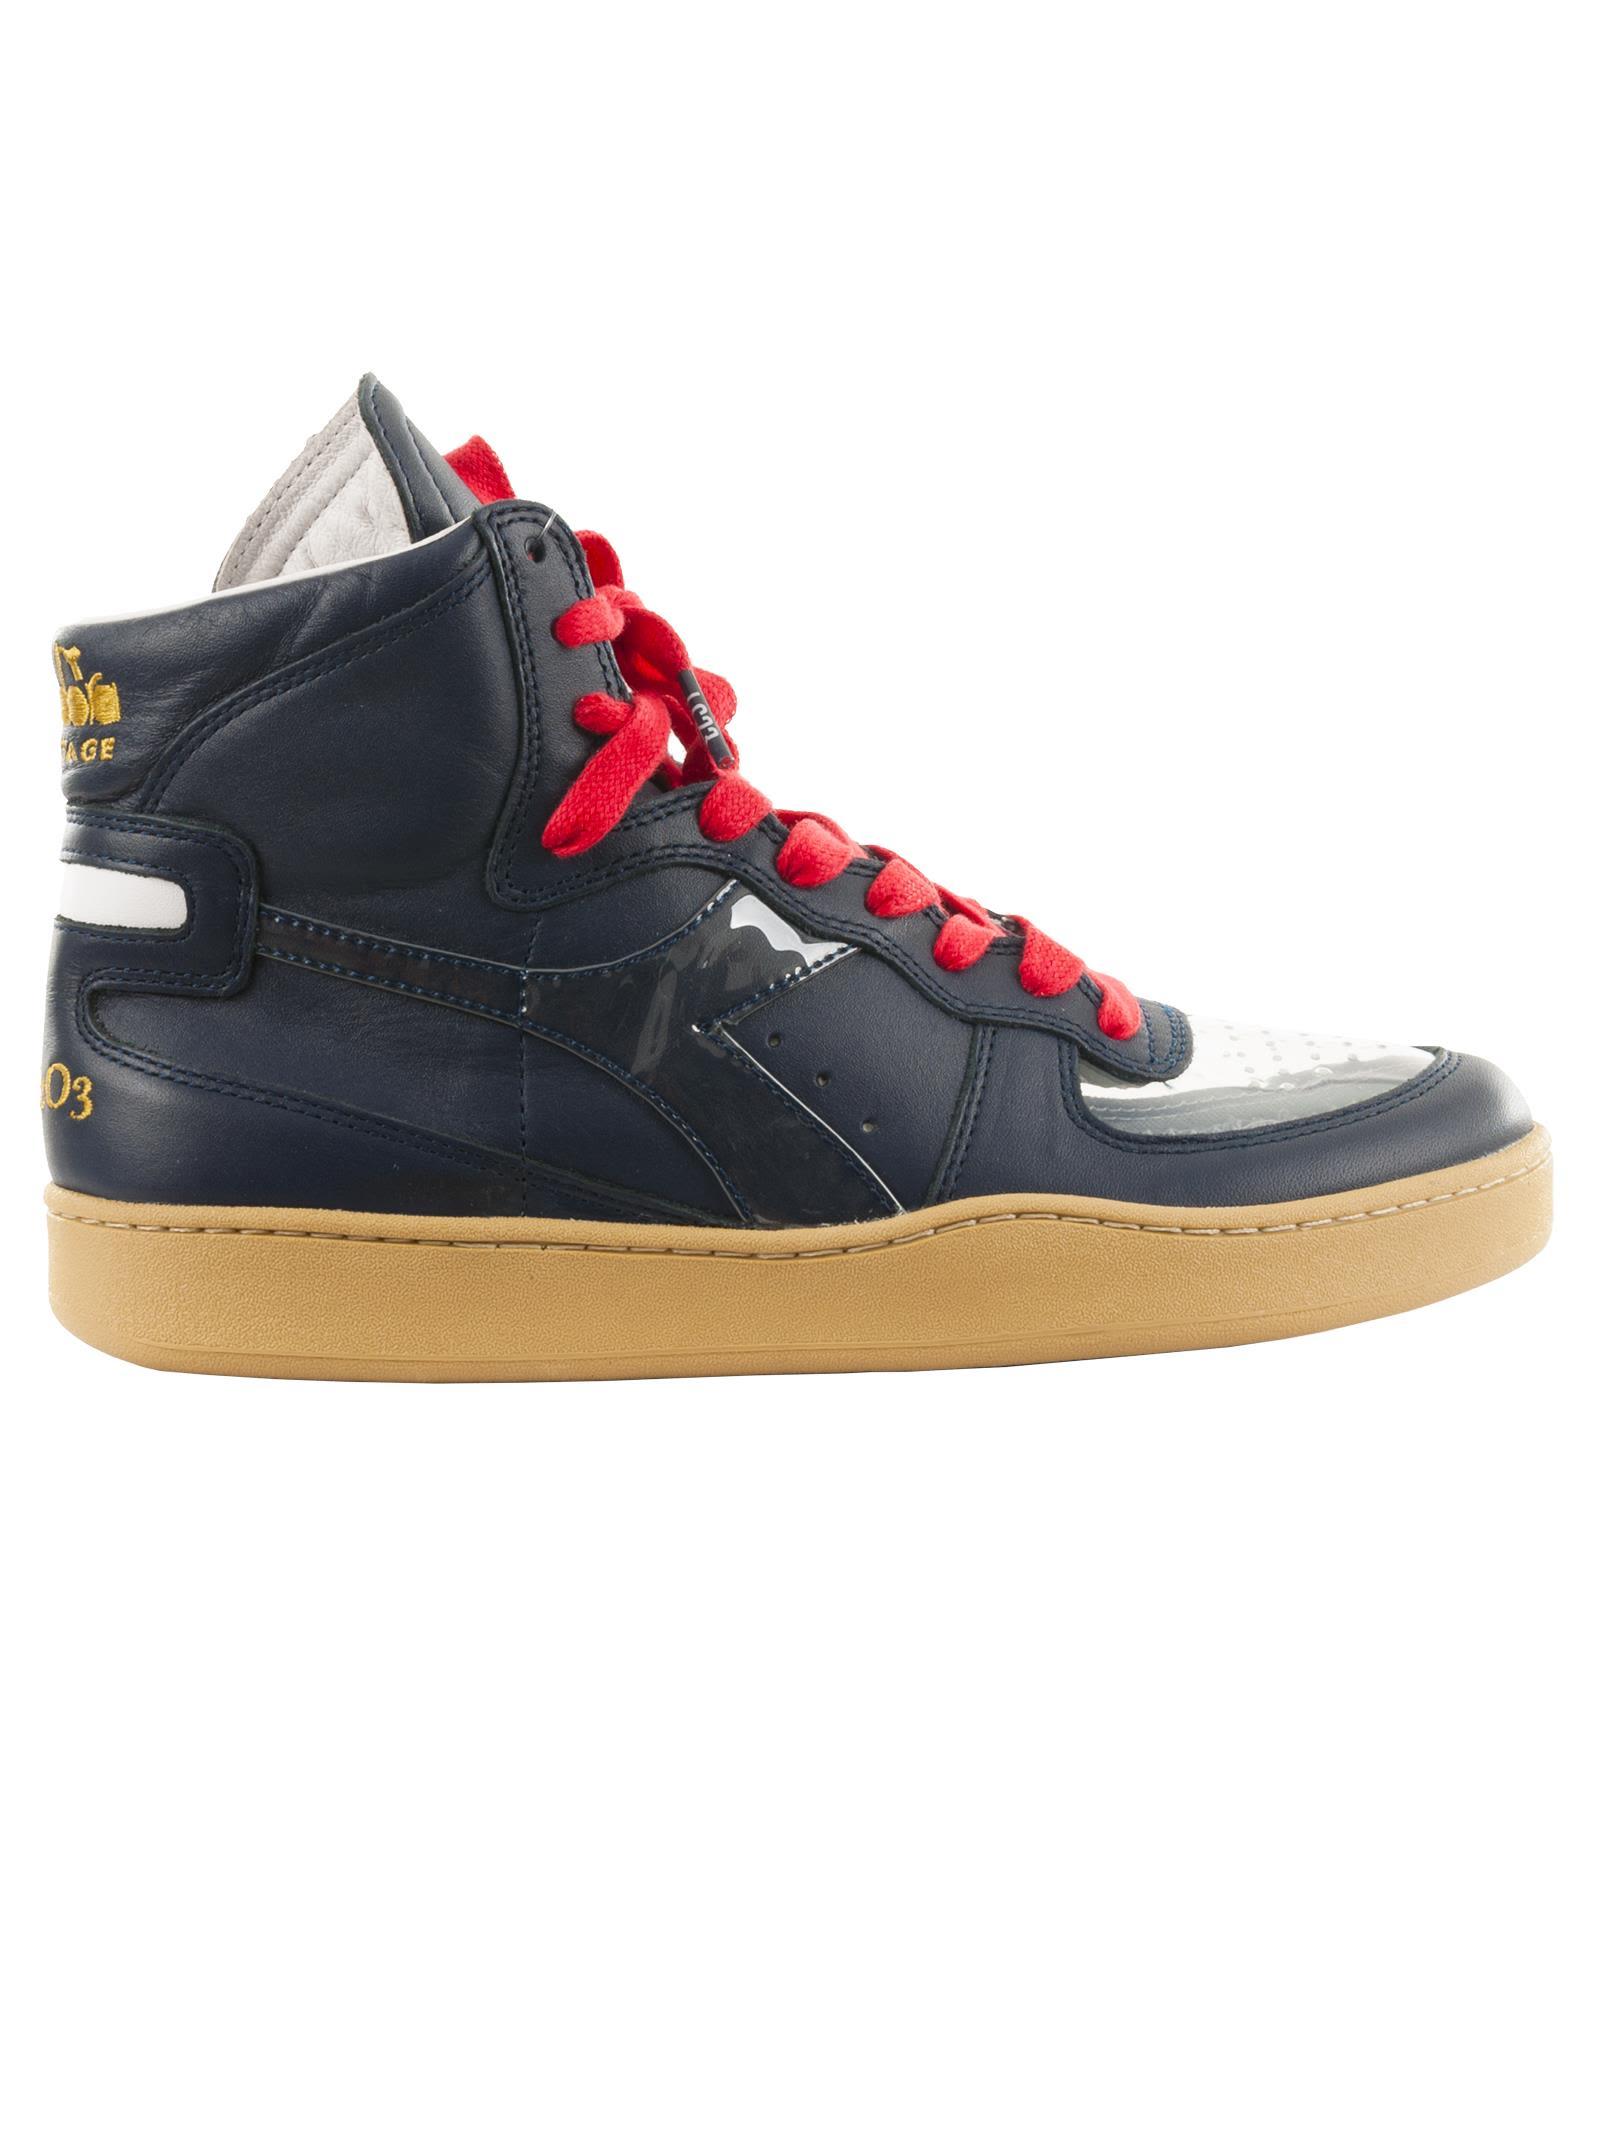 DIADORA Lc23 Mi Basket Marte Hi Top Sneakers in Navy